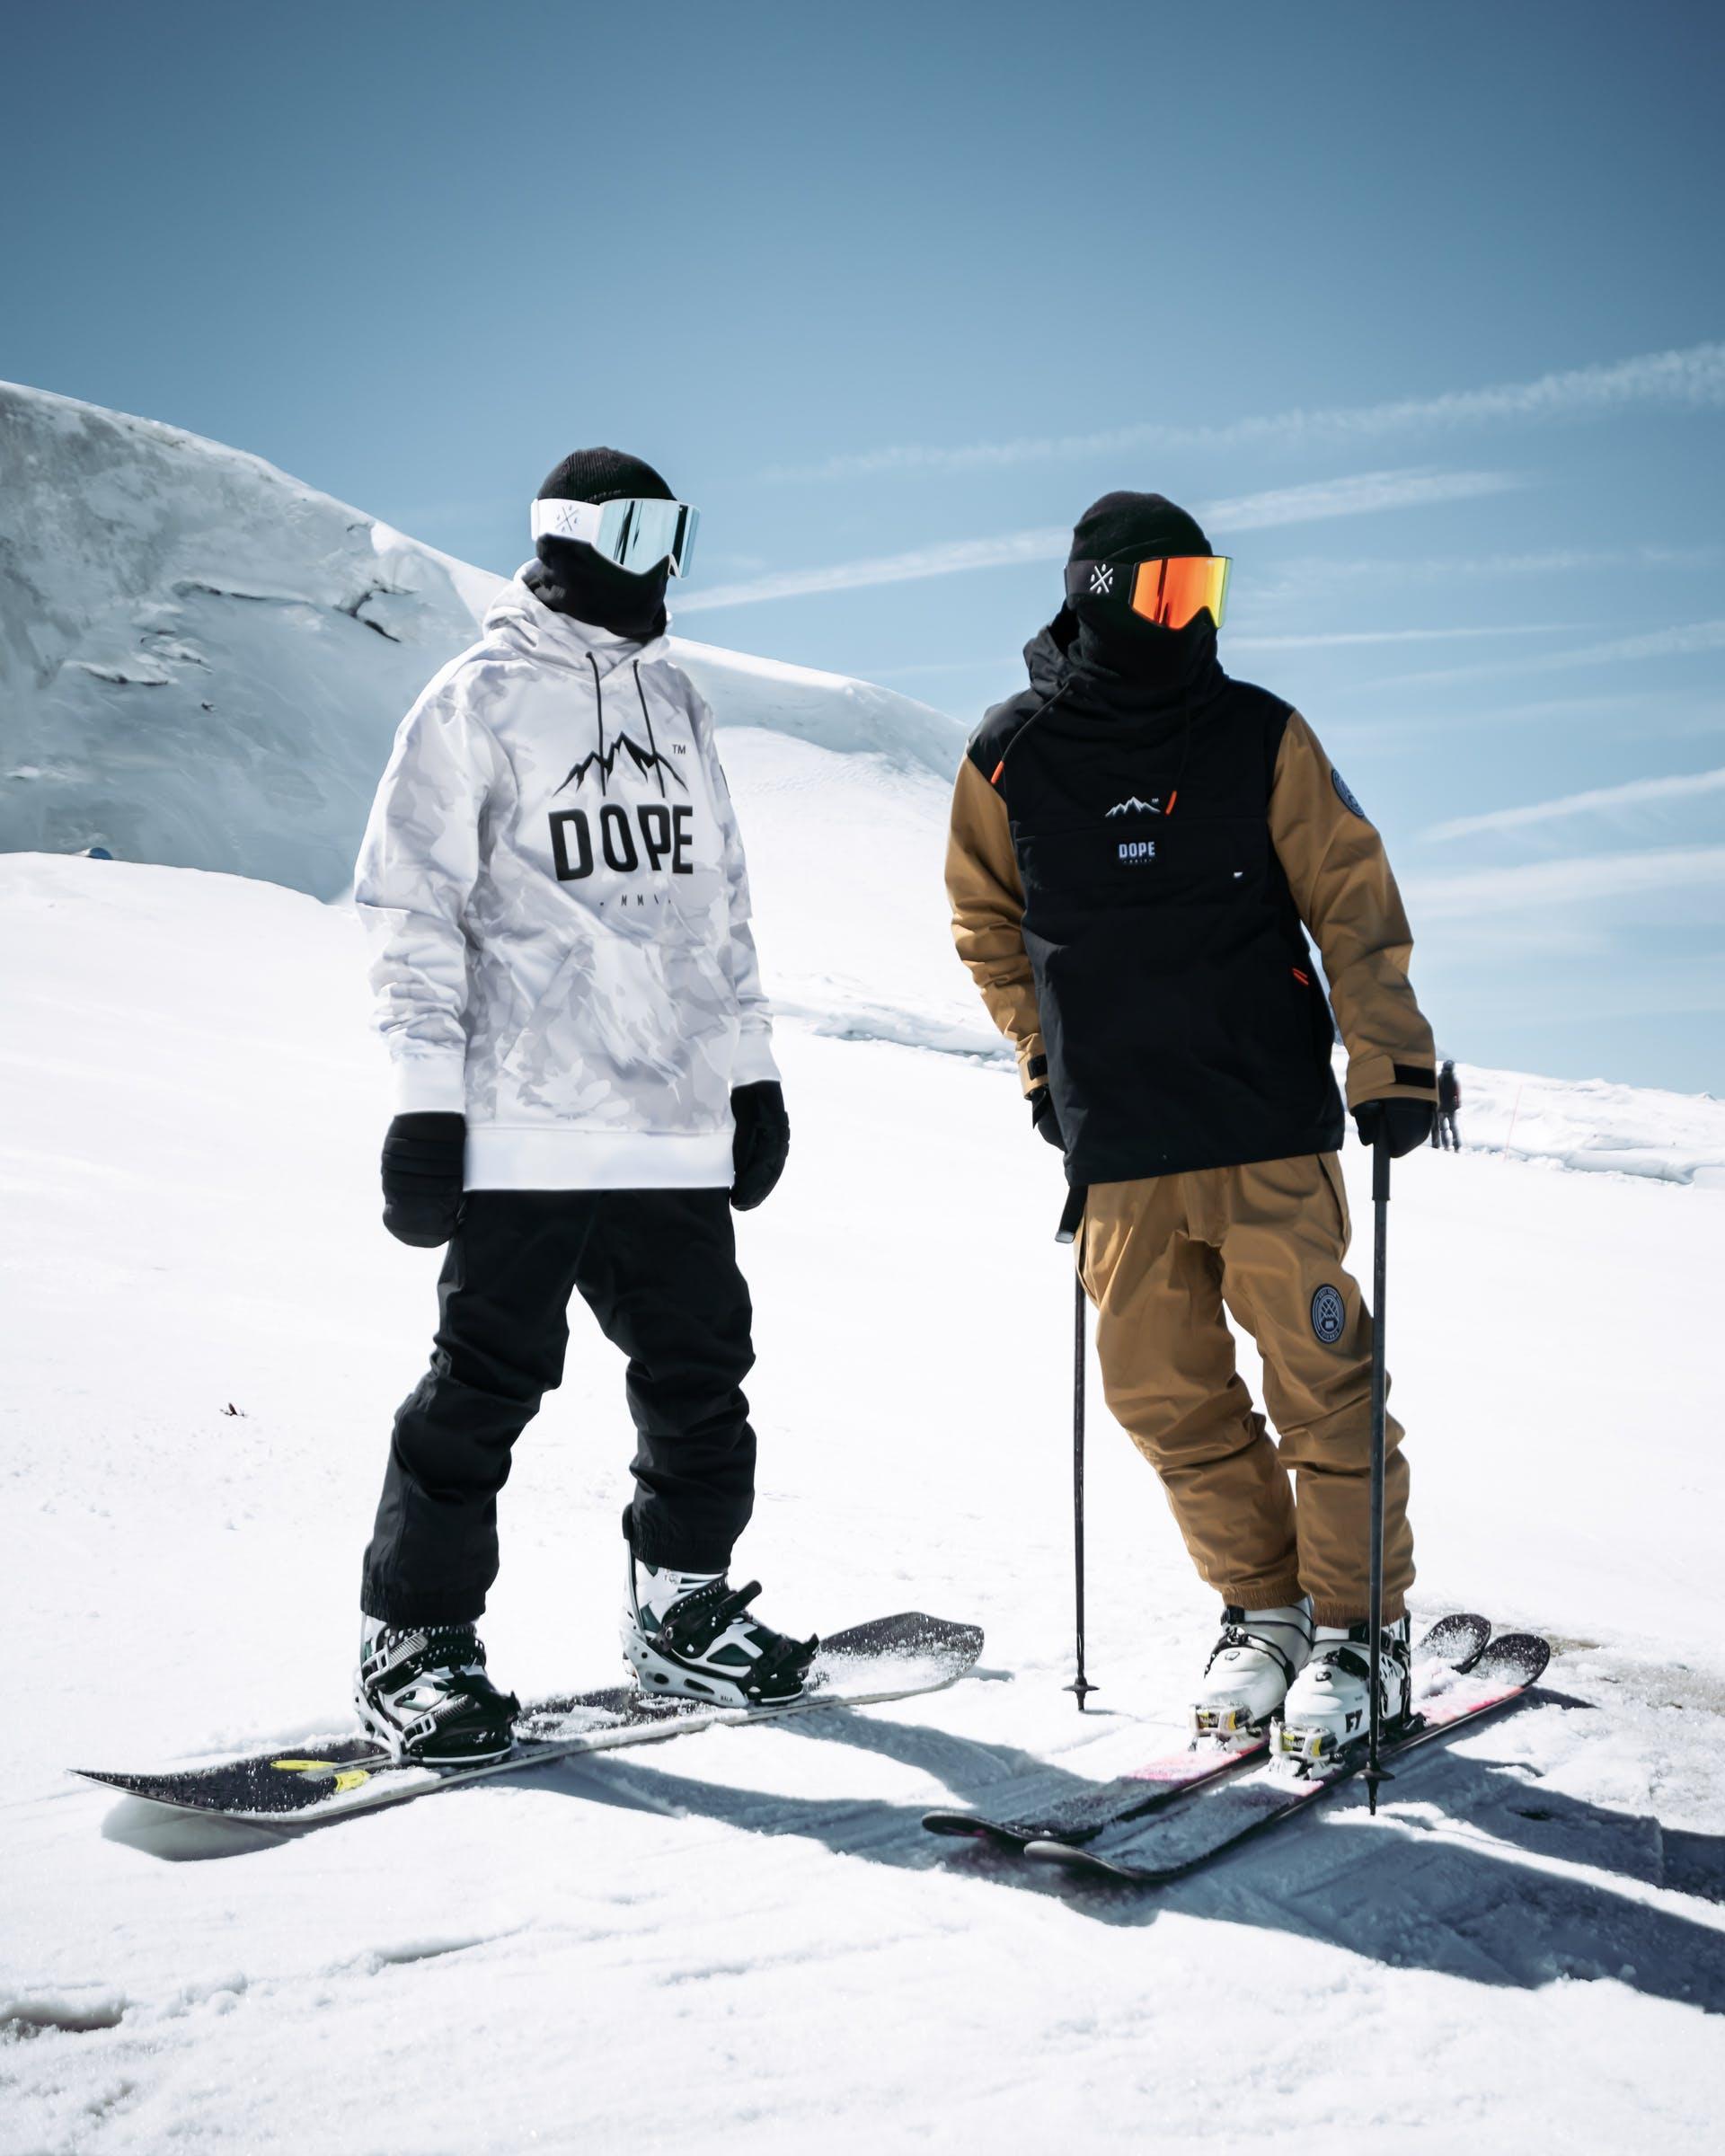 che cose piu facile sci o snowboard